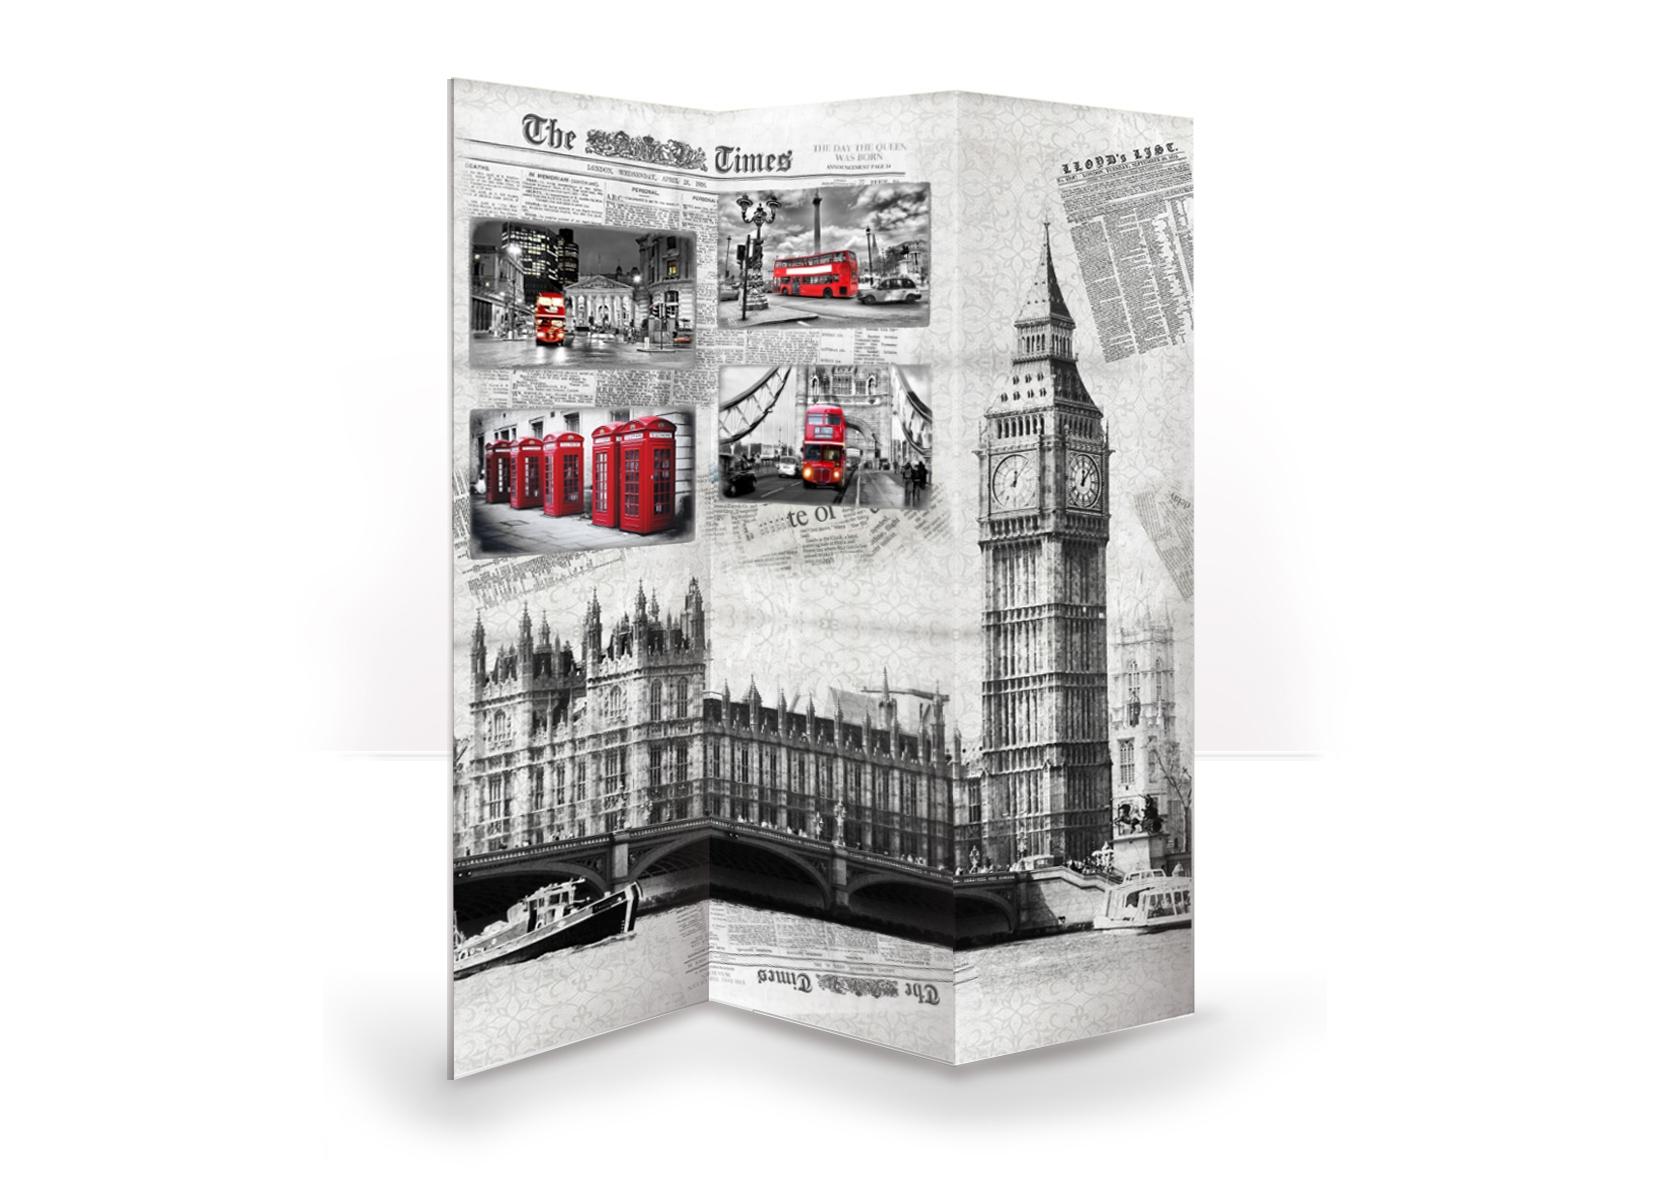 Ширма LondonicaШирмы<br>Односторонняя ширма из коллекции Catherine D&amp;quot;argent.&amp;lt;div&amp;gt;&amp;lt;br&amp;gt;&amp;lt;/div&amp;gt;&amp;lt;div&amp;gt;Материал: нетканный материал, пигментные краски.&amp;lt;br&amp;gt;&amp;lt;/div&amp;gt;<br><br>Material: Дерево<br>Width см: 150<br>Depth см: 7<br>Height см: 180